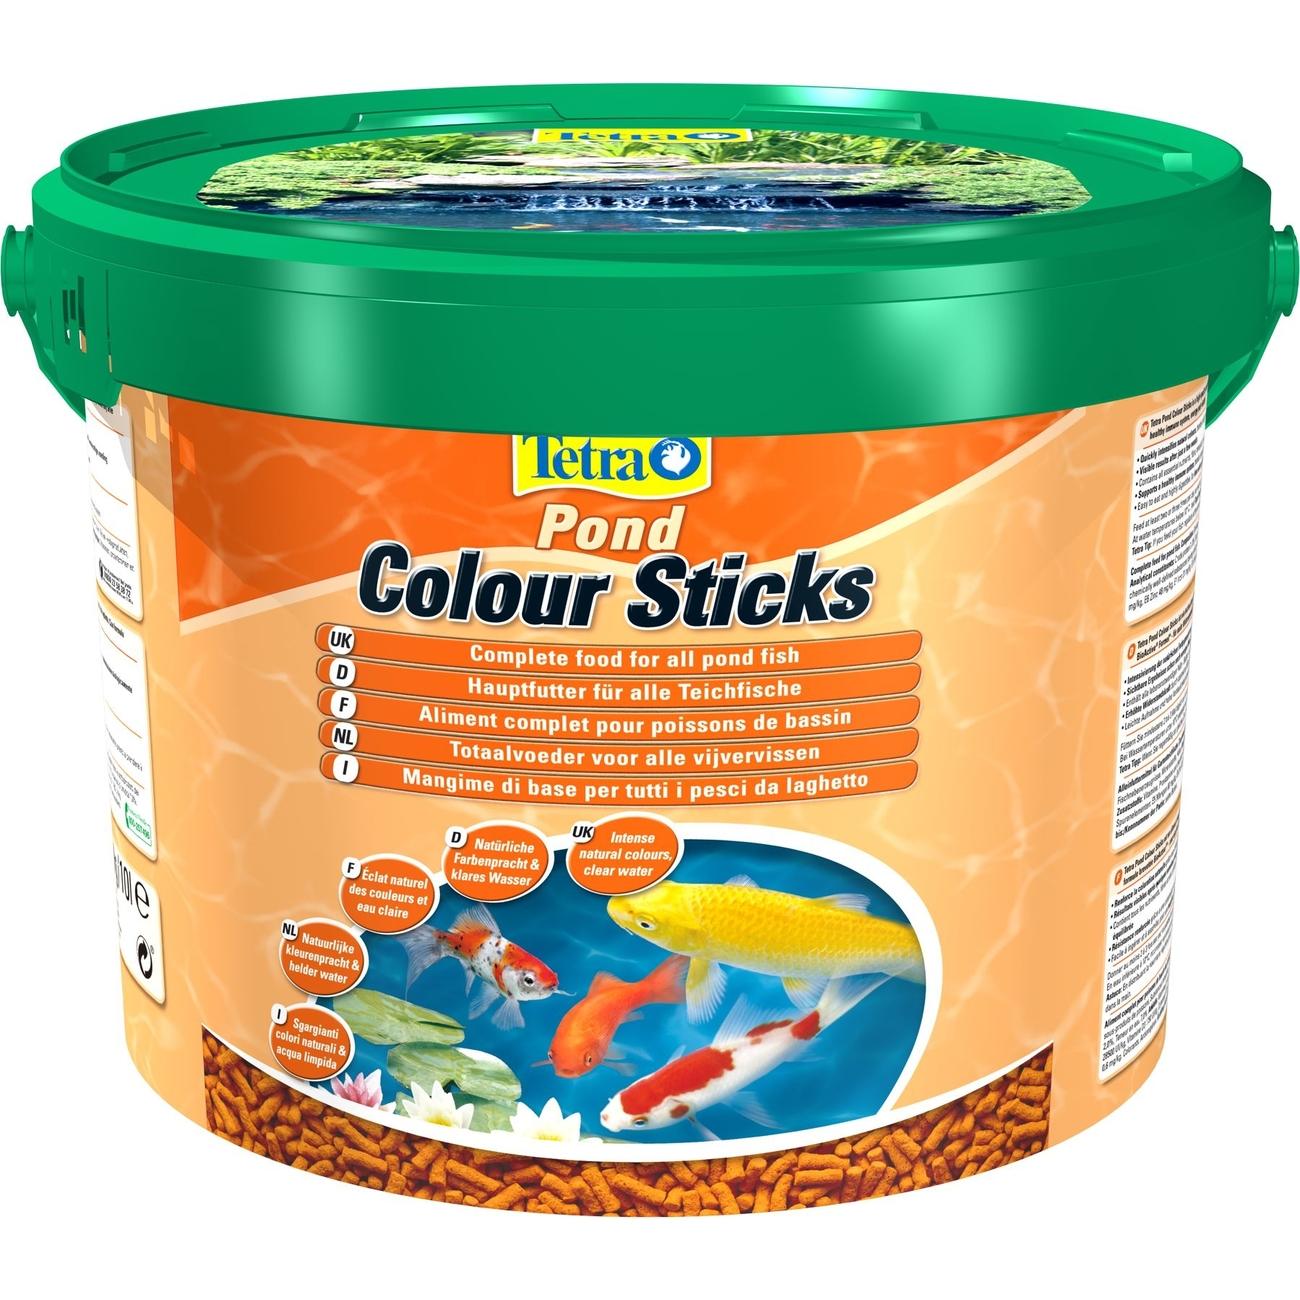 Tetra Pond Colour Sticks, Bild 3